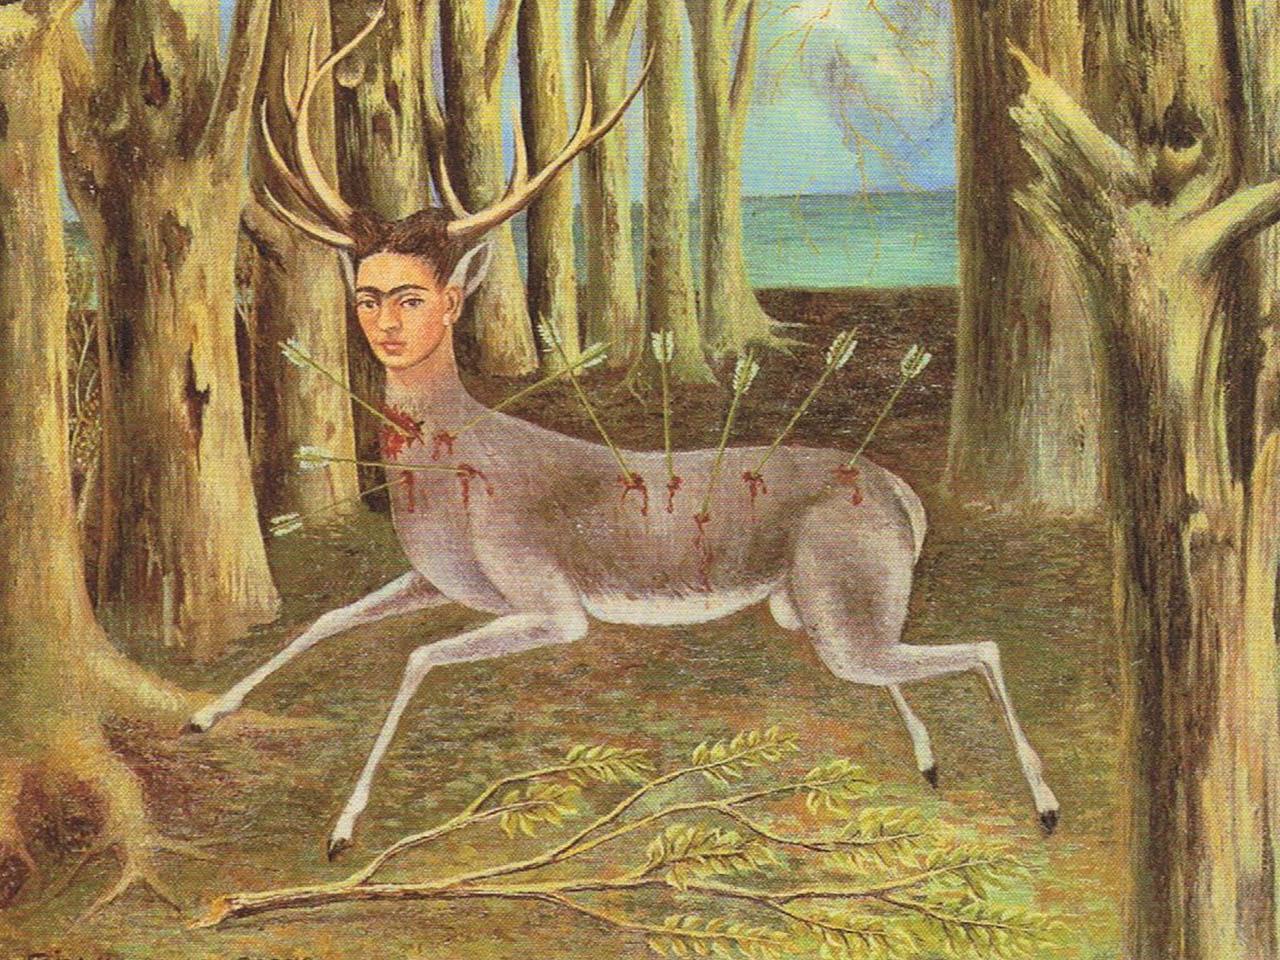 Frida Khalo <br>El venado herido. 1946